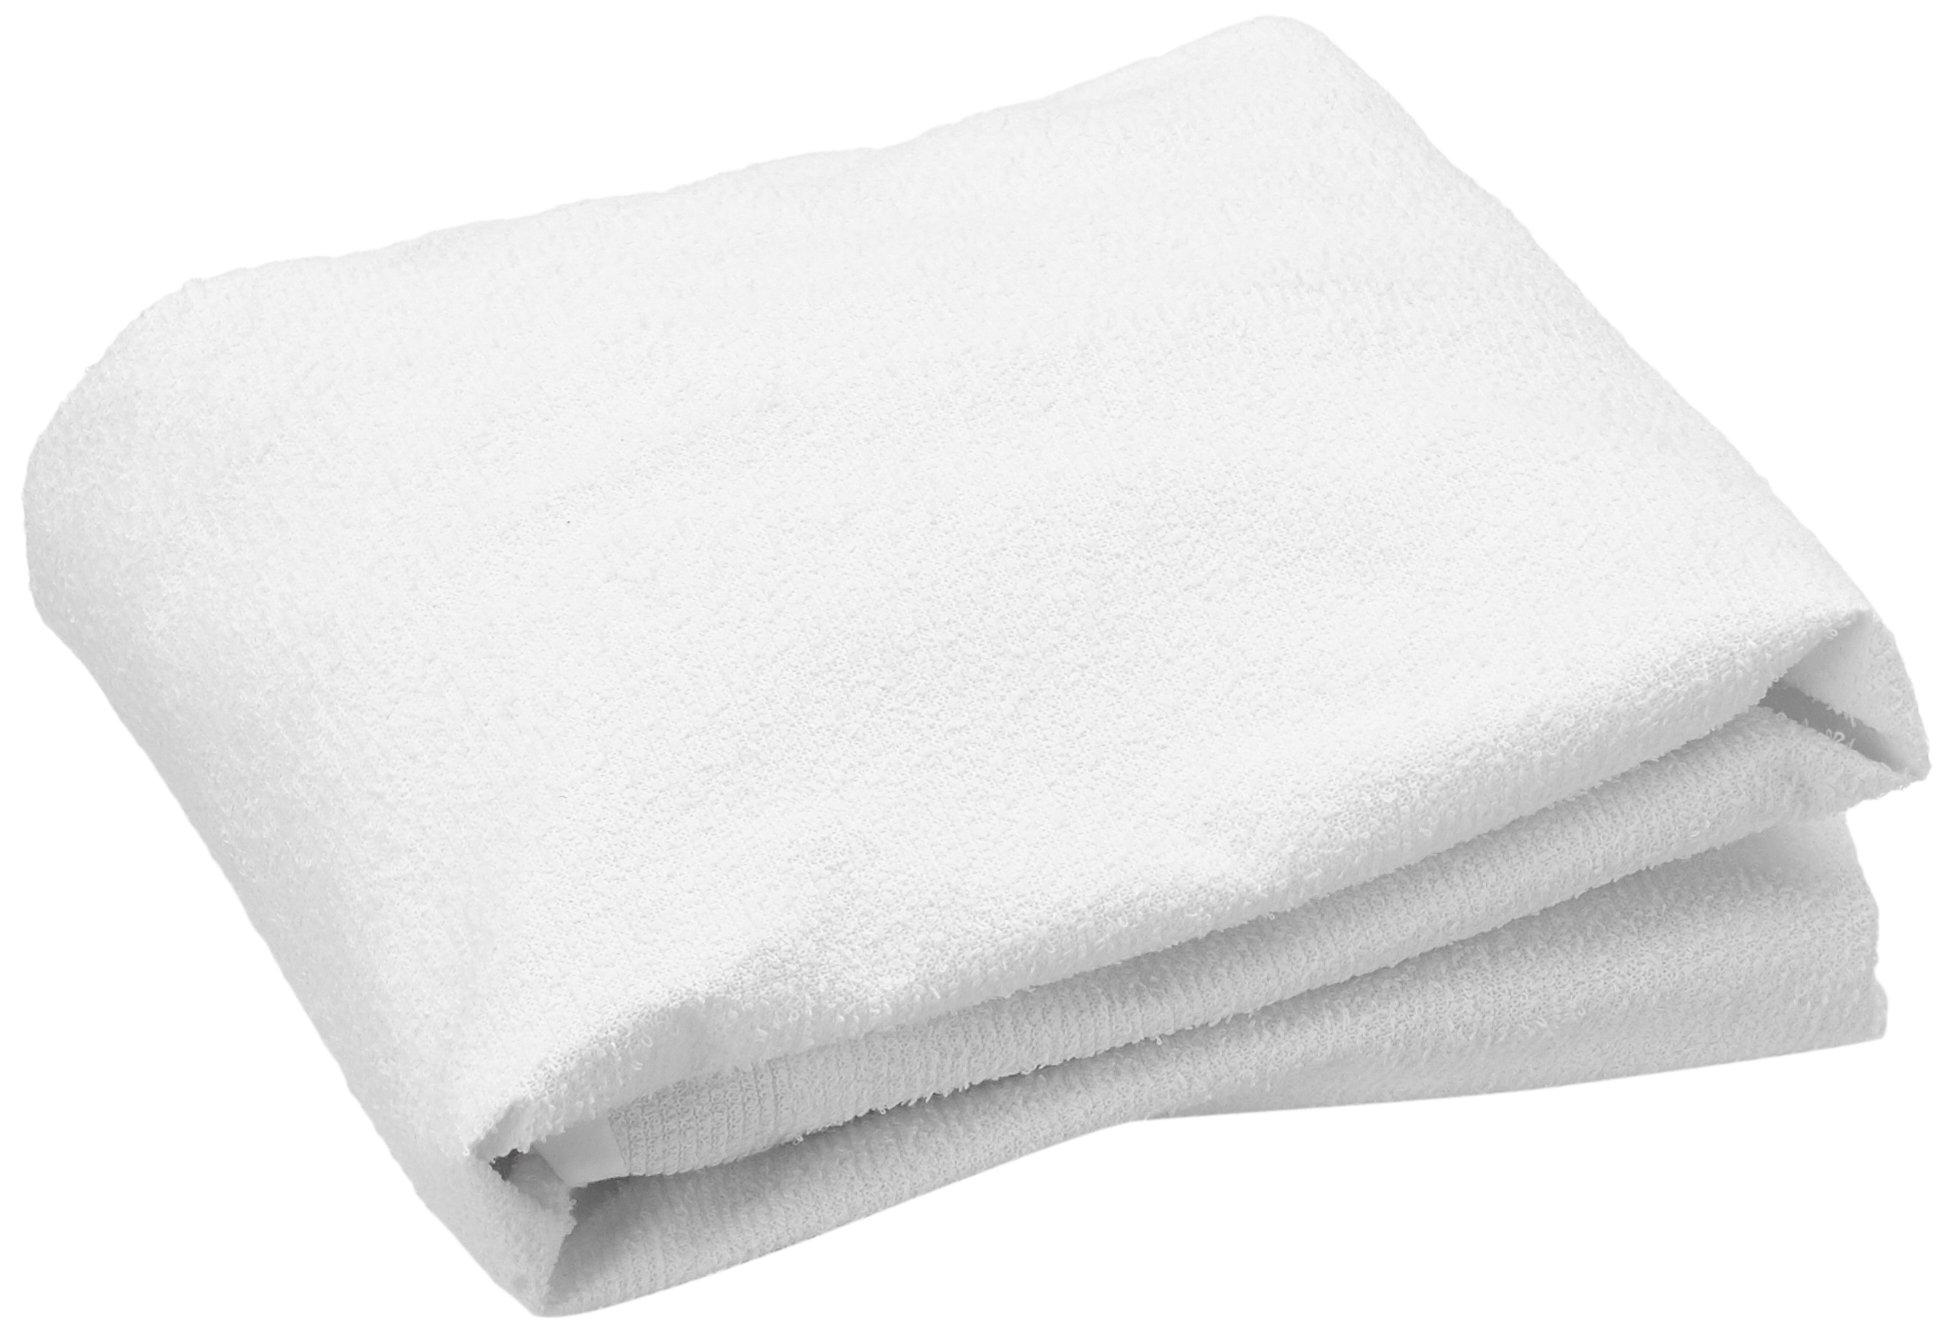 Cándido Penalba Super - Protector de colchón, rizo impermeable, 90 x 190/200